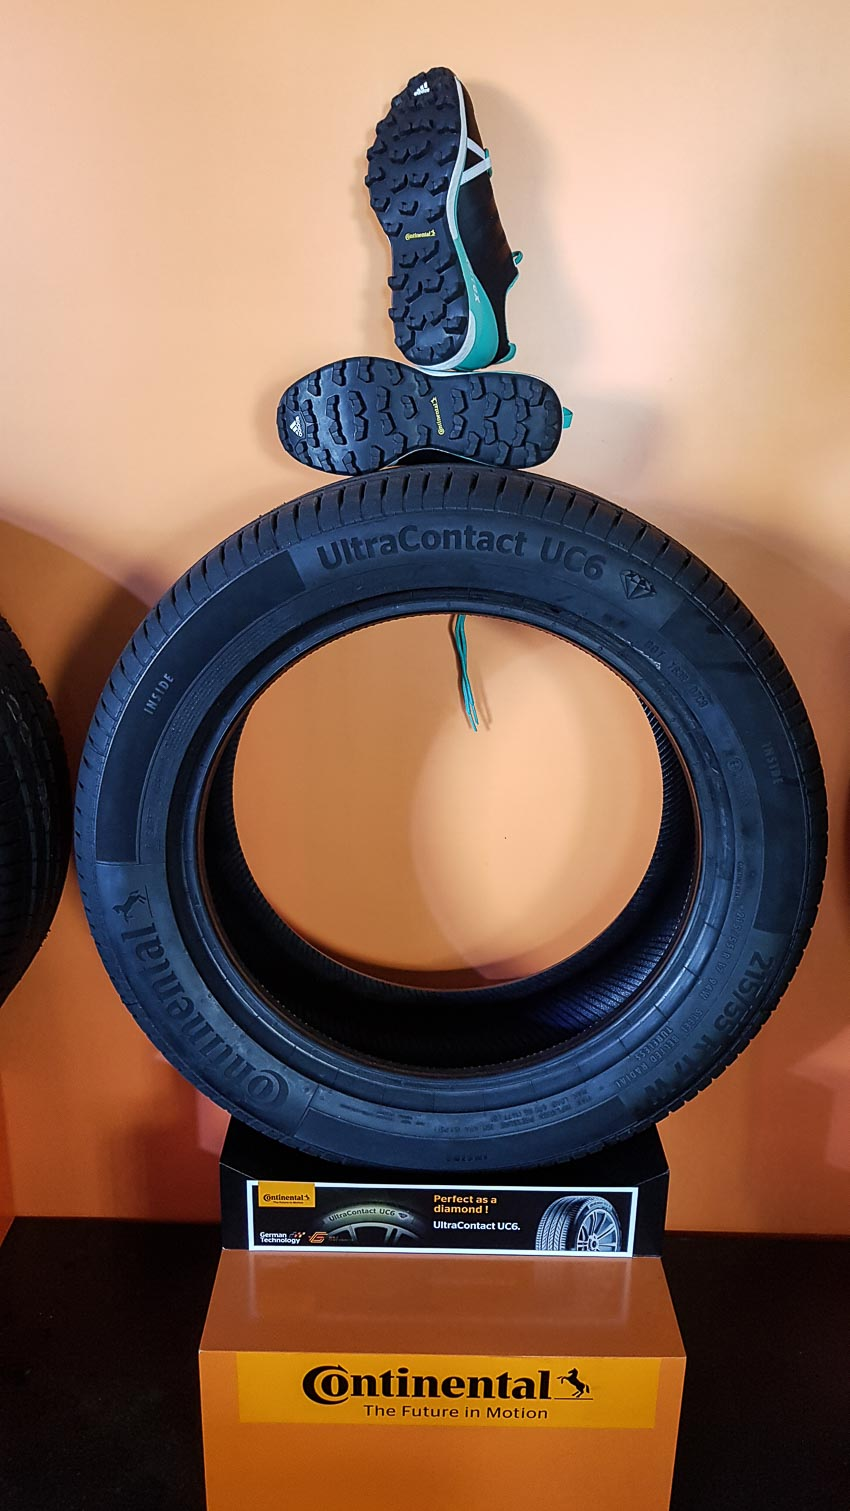 DNP-Continental-Tires-cho-ra-mat-hai-dong-lop-chuyen-dung-the-he-moi-8